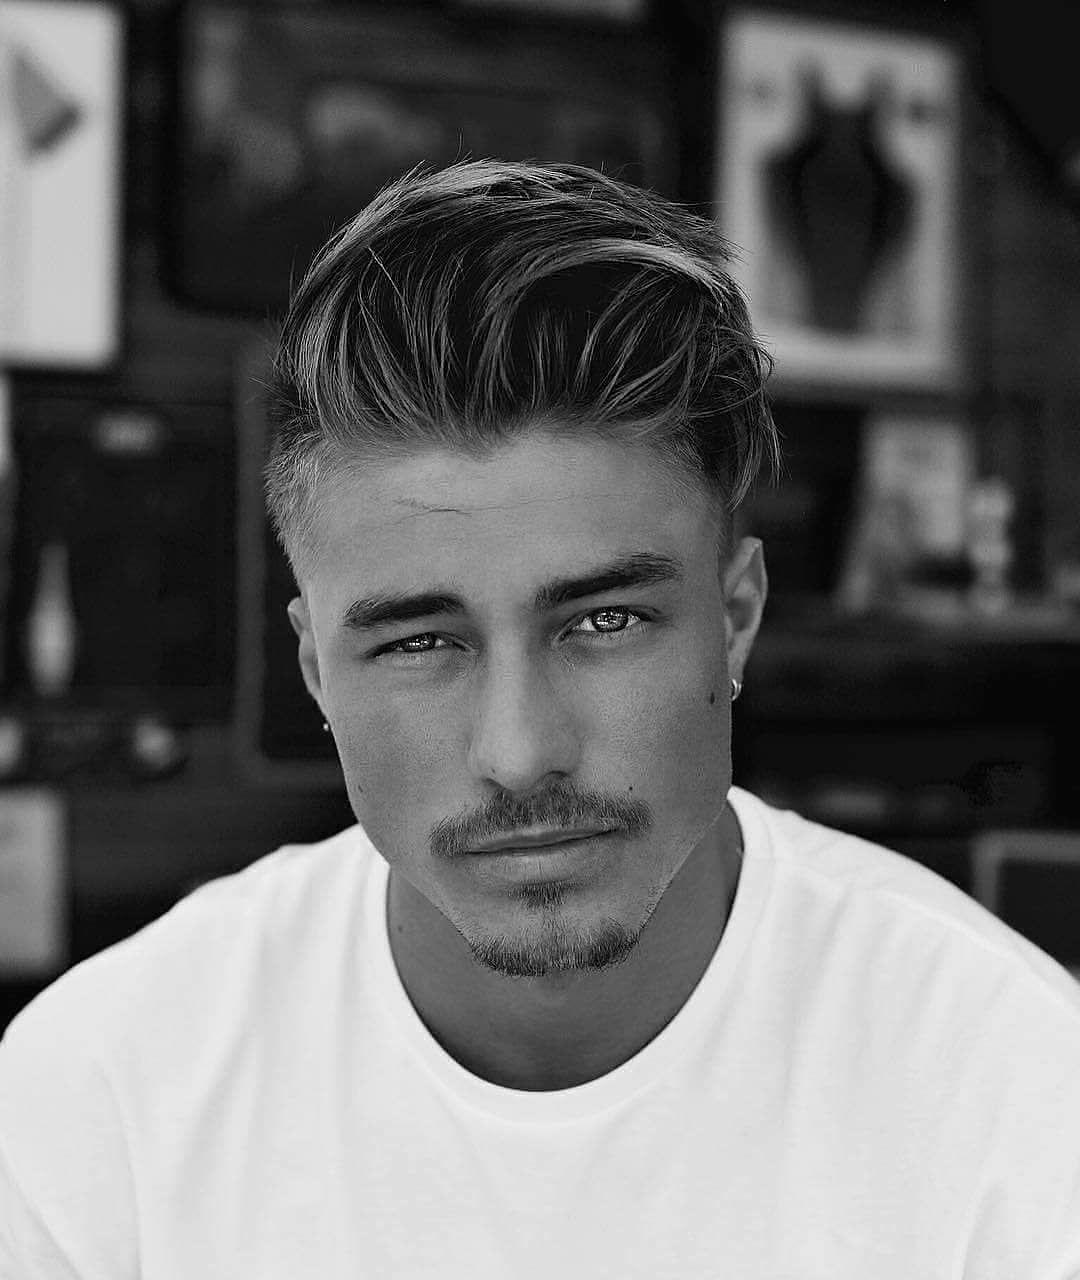 """Photo of Herrenfrisur auf Instagram: """"👇👇 1, 2, 3, 4, 5, 6 oder 7? Welche Frisur ist die beste? Kommentar unten 👇👇 Kredit: @johnnyedlind 😎✂ 😎✂ Folgen Sie uns @hairstylesgents 👈… """""""